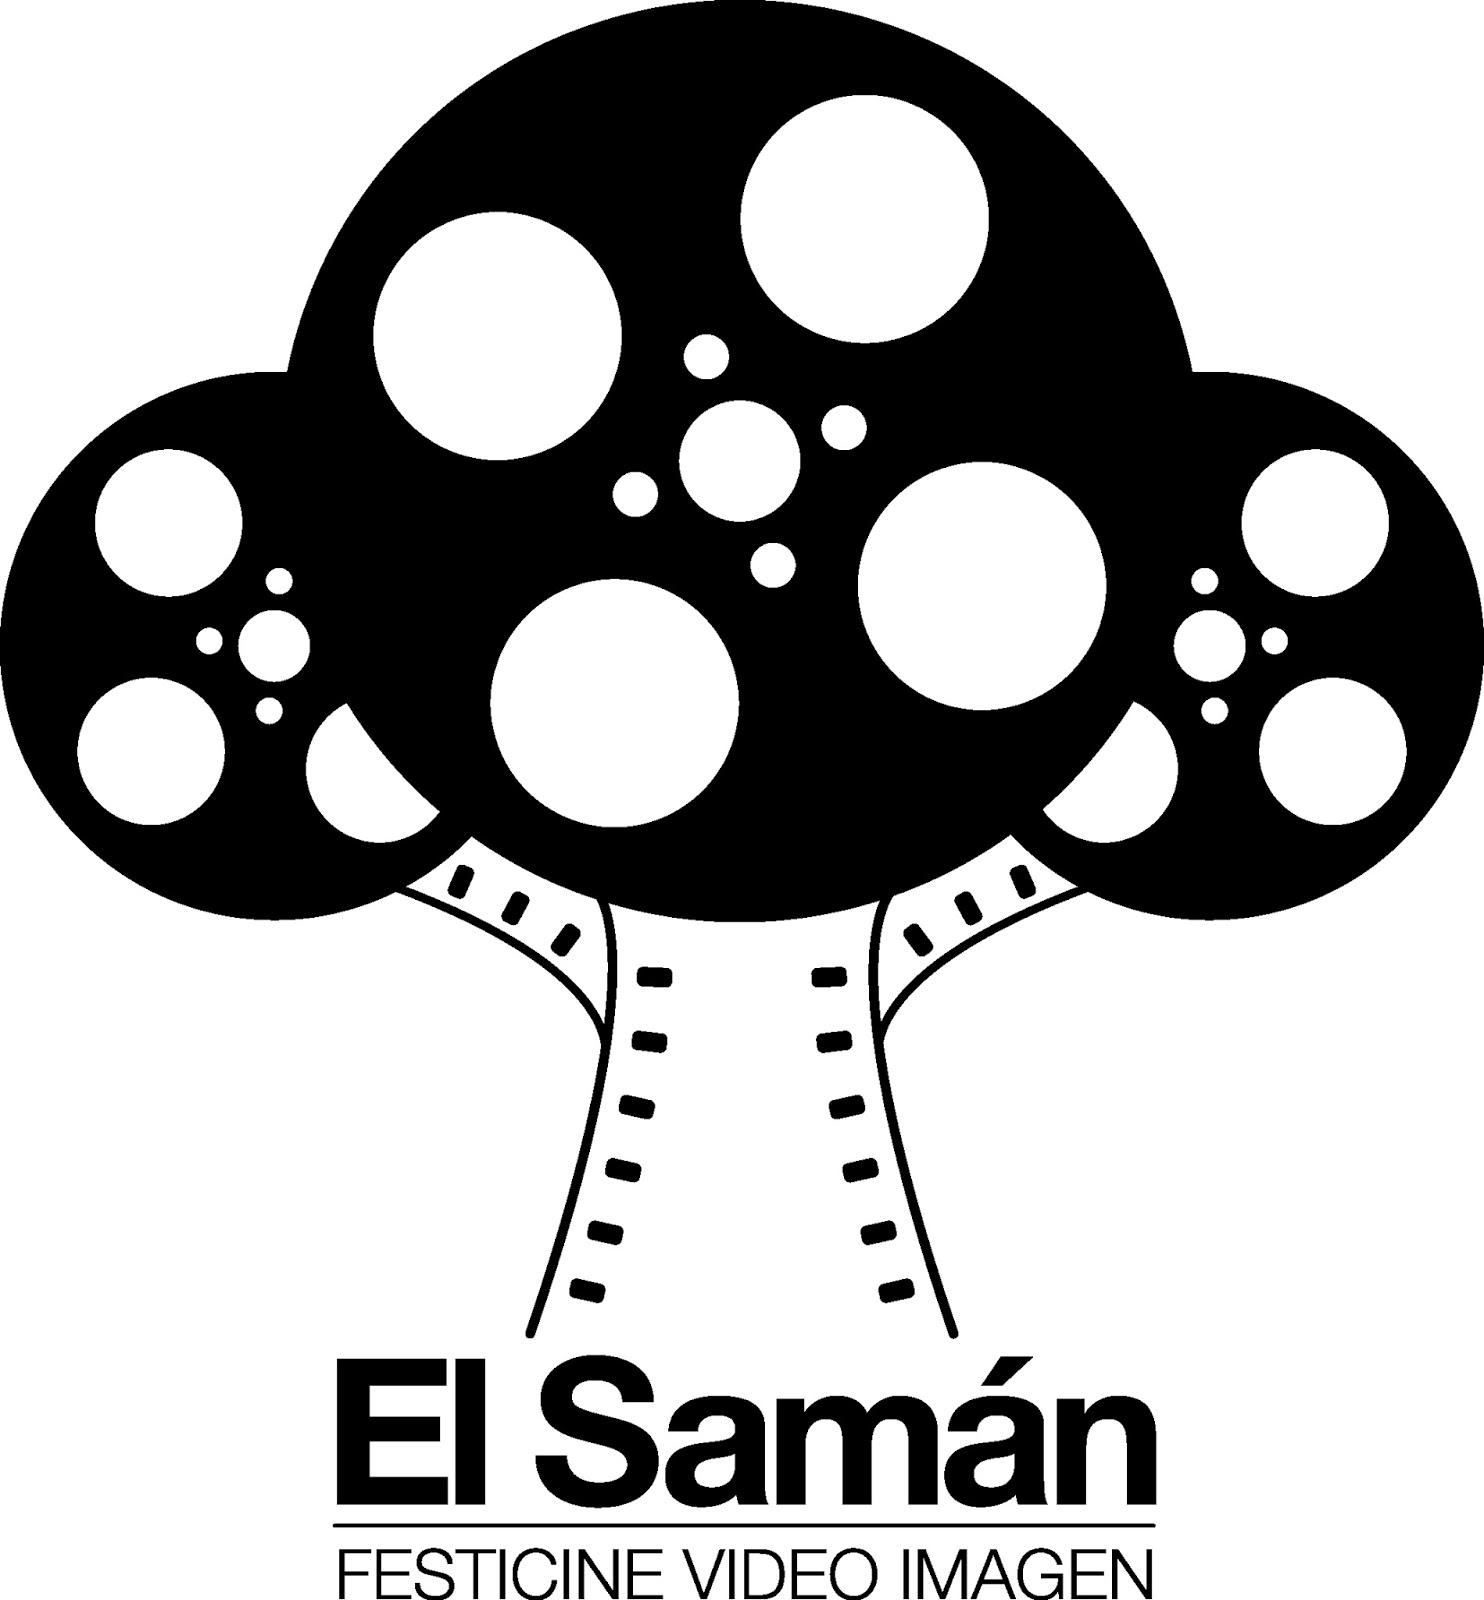 El Samán Festicine Video Imagen Versión 6. Octubre 13 al 16 de 2016 ...